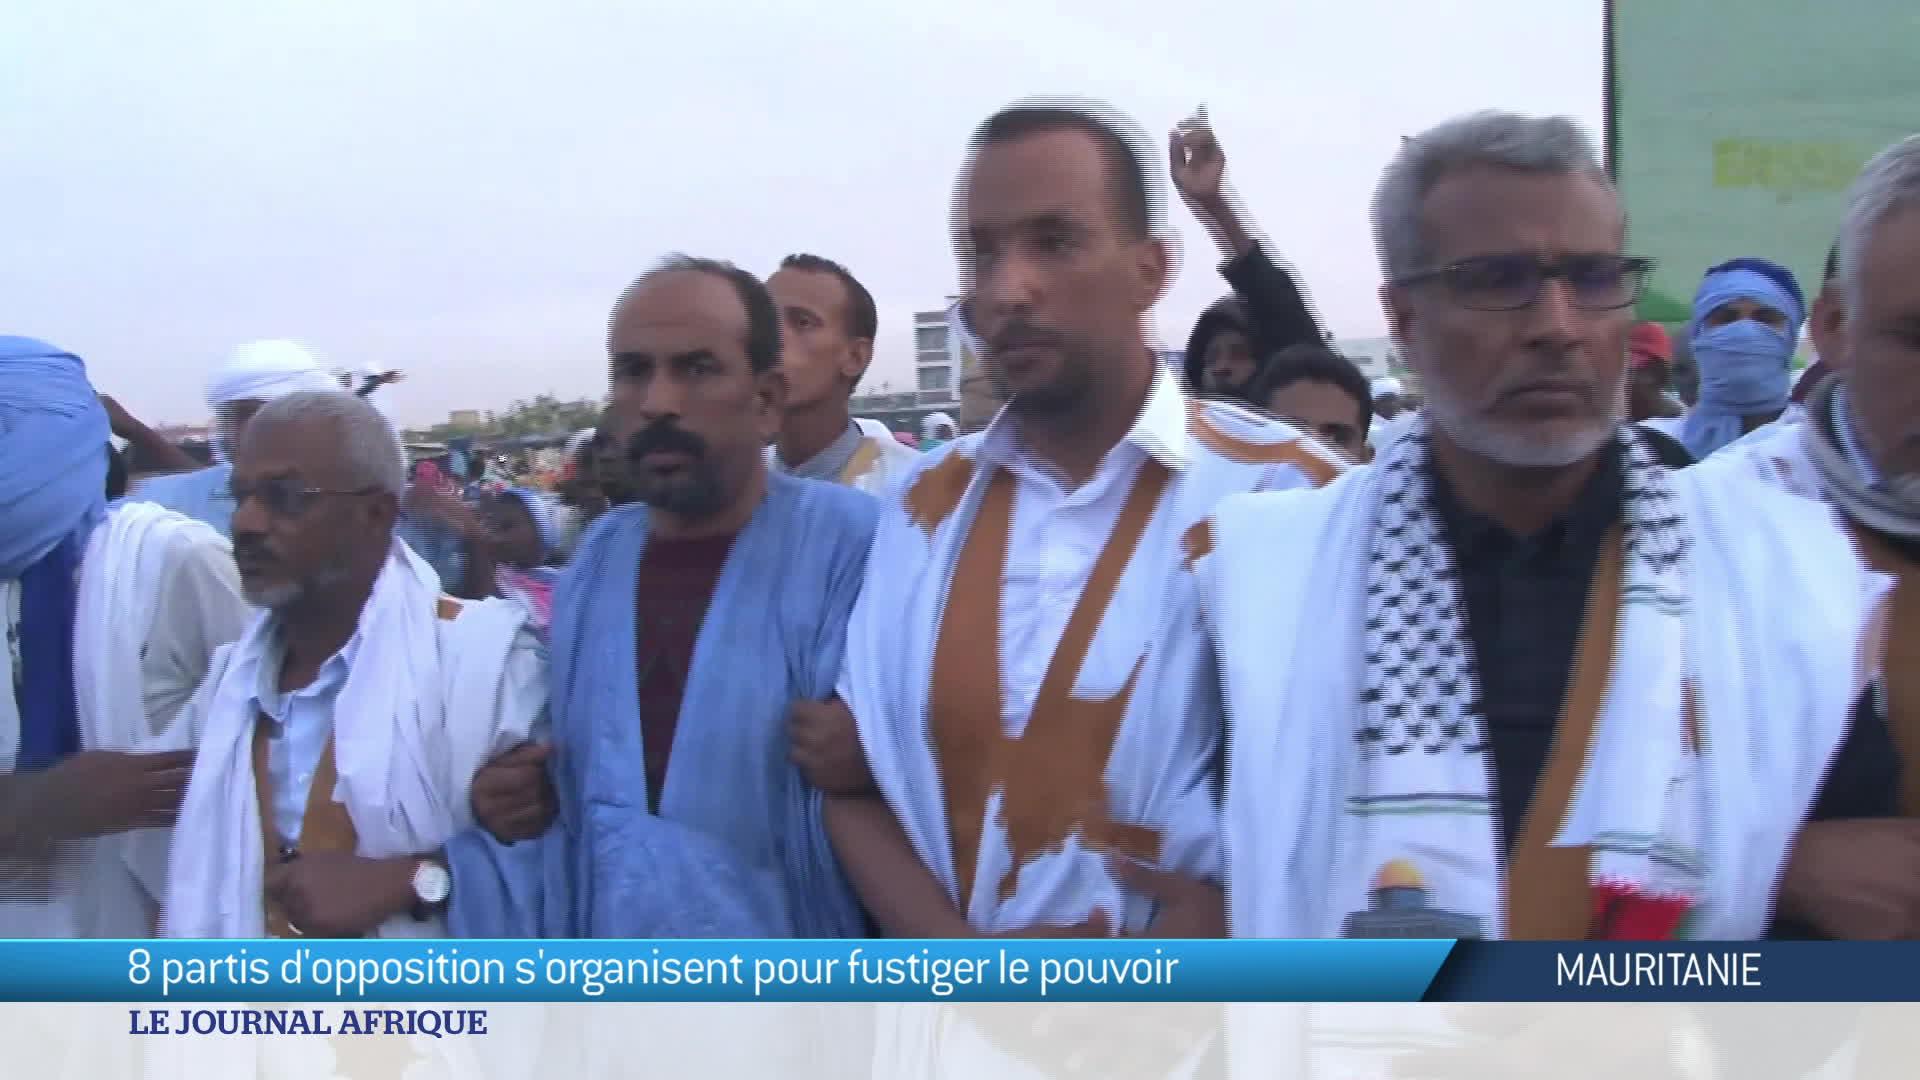 Mauritanie : 8 partis d'opposition s'organisent pour fustiger le pouvoir